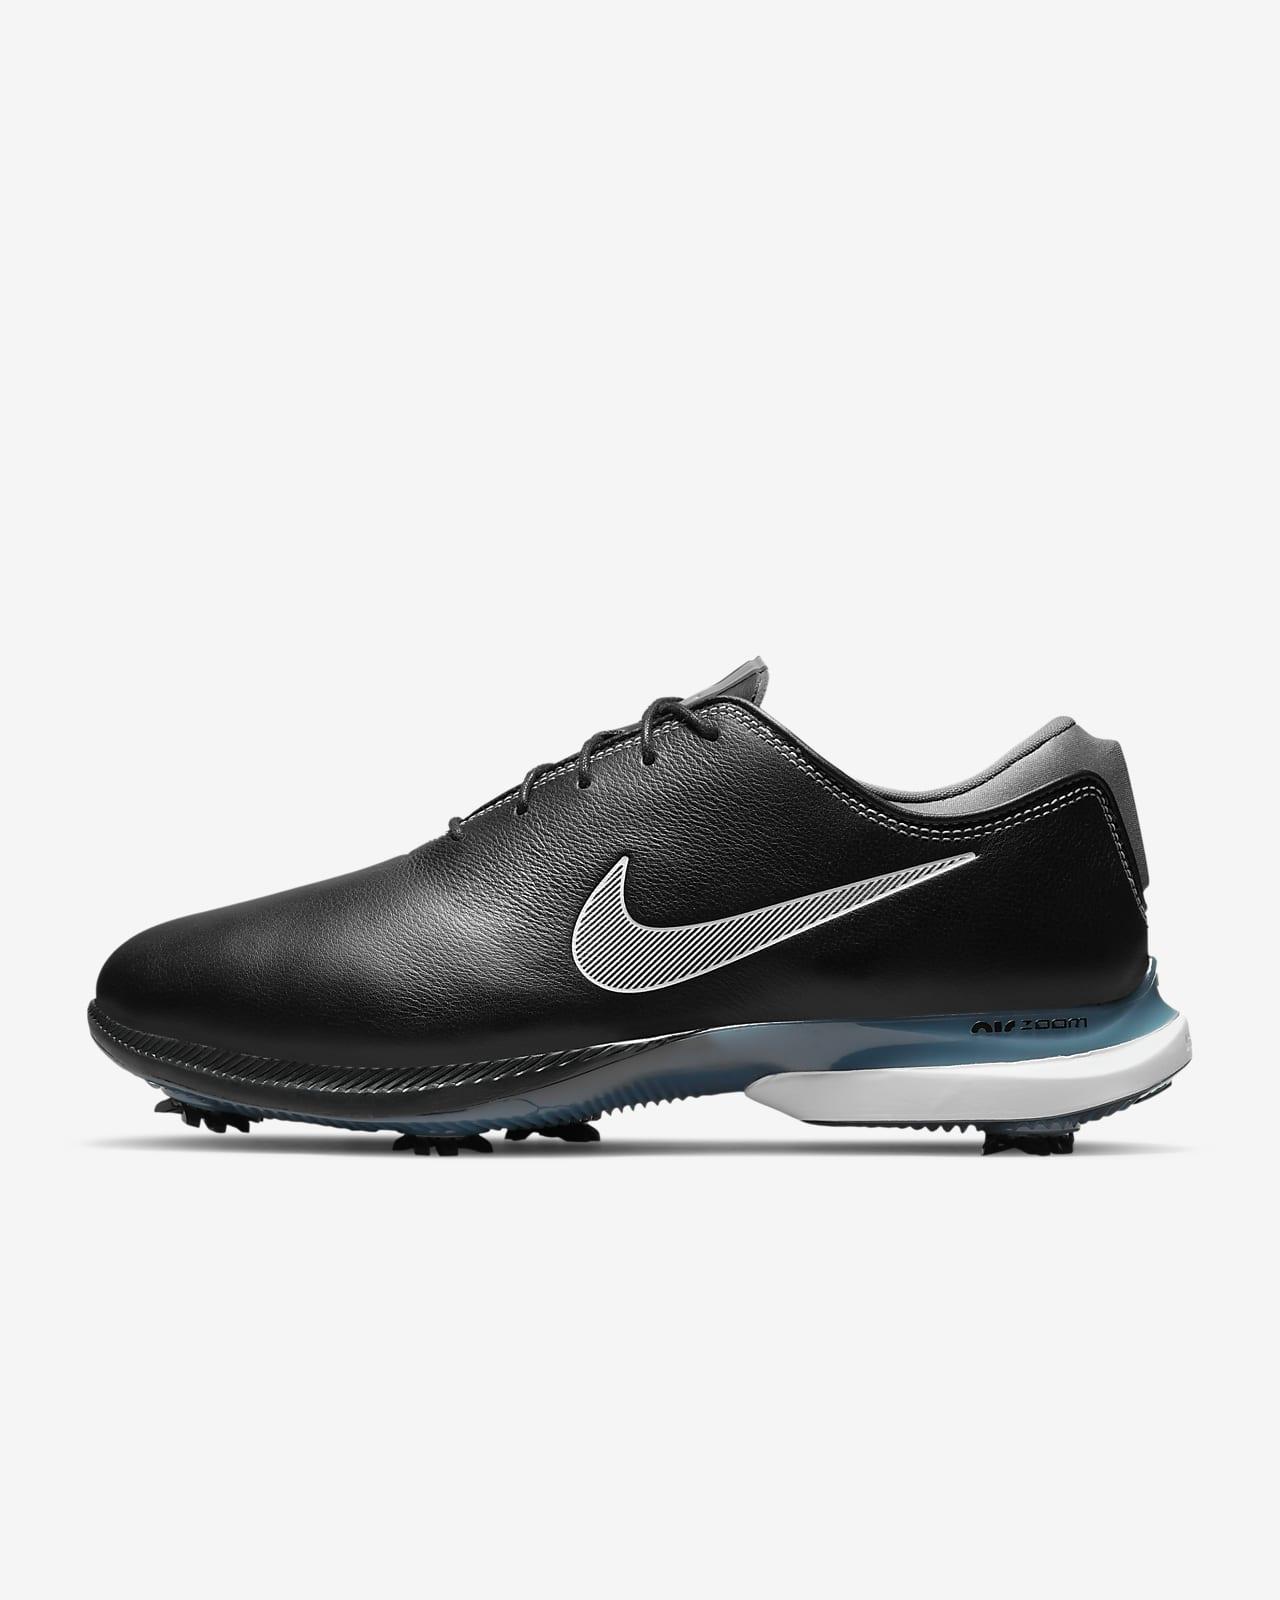 Calzado de golf Nike Air Zoom Victory Tour 2